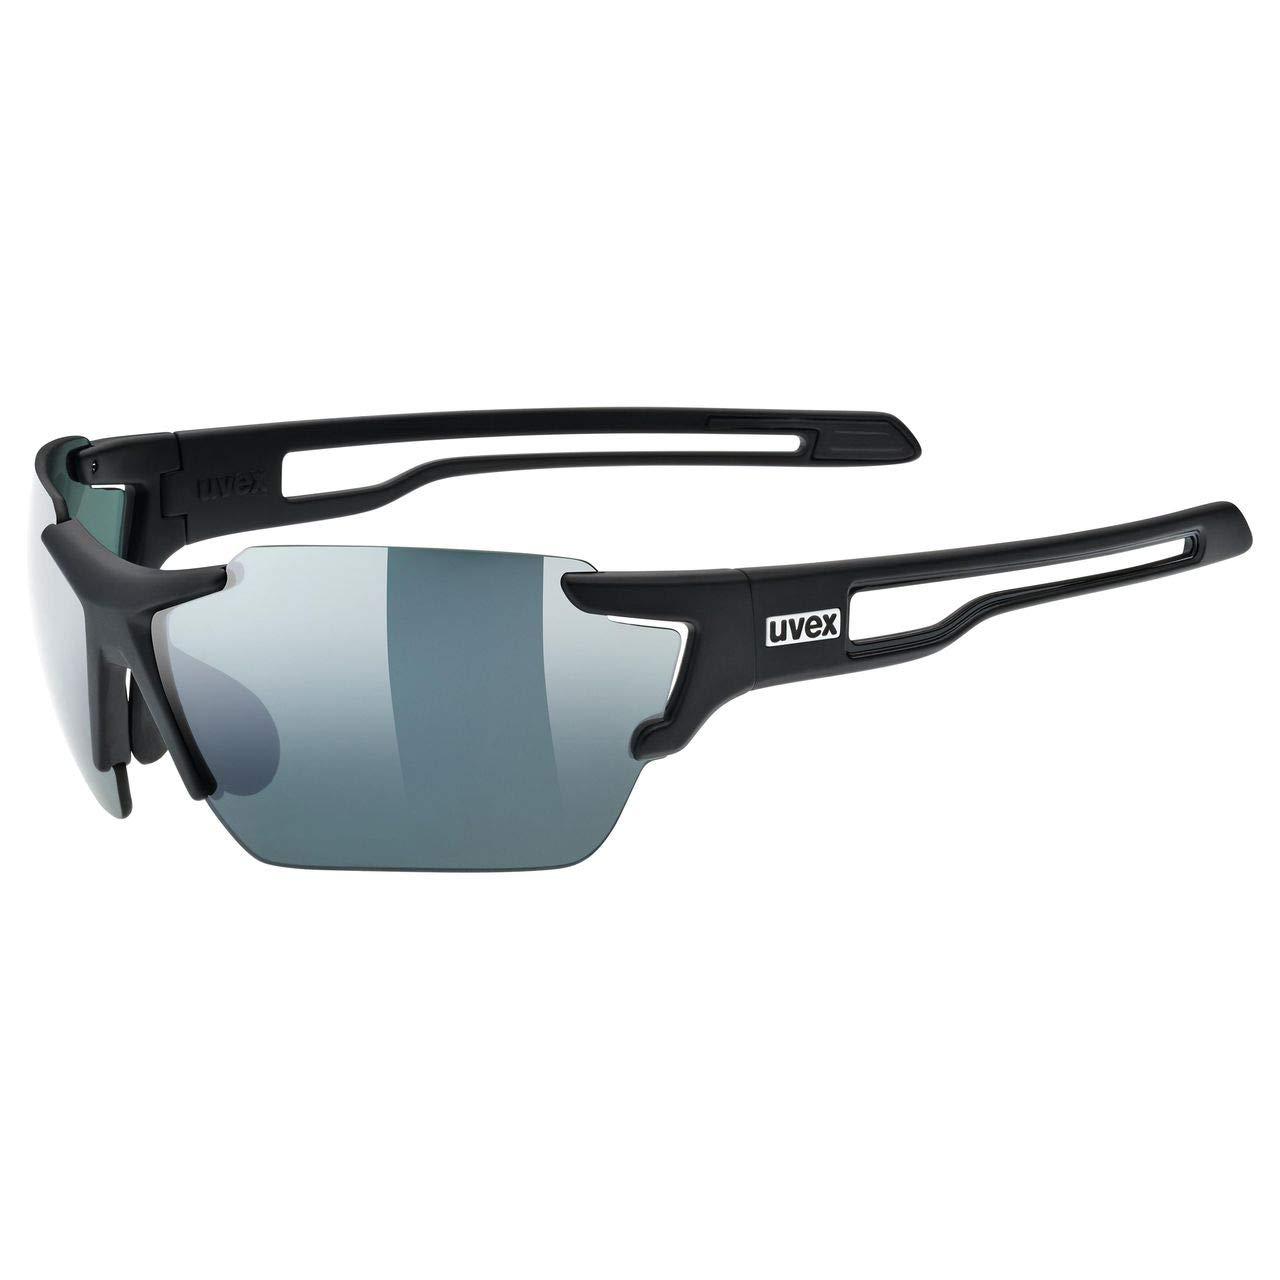 uvex Unisex– Erwachsene, sportstyle 803 CV Sportbrille, kontrastverstärkend